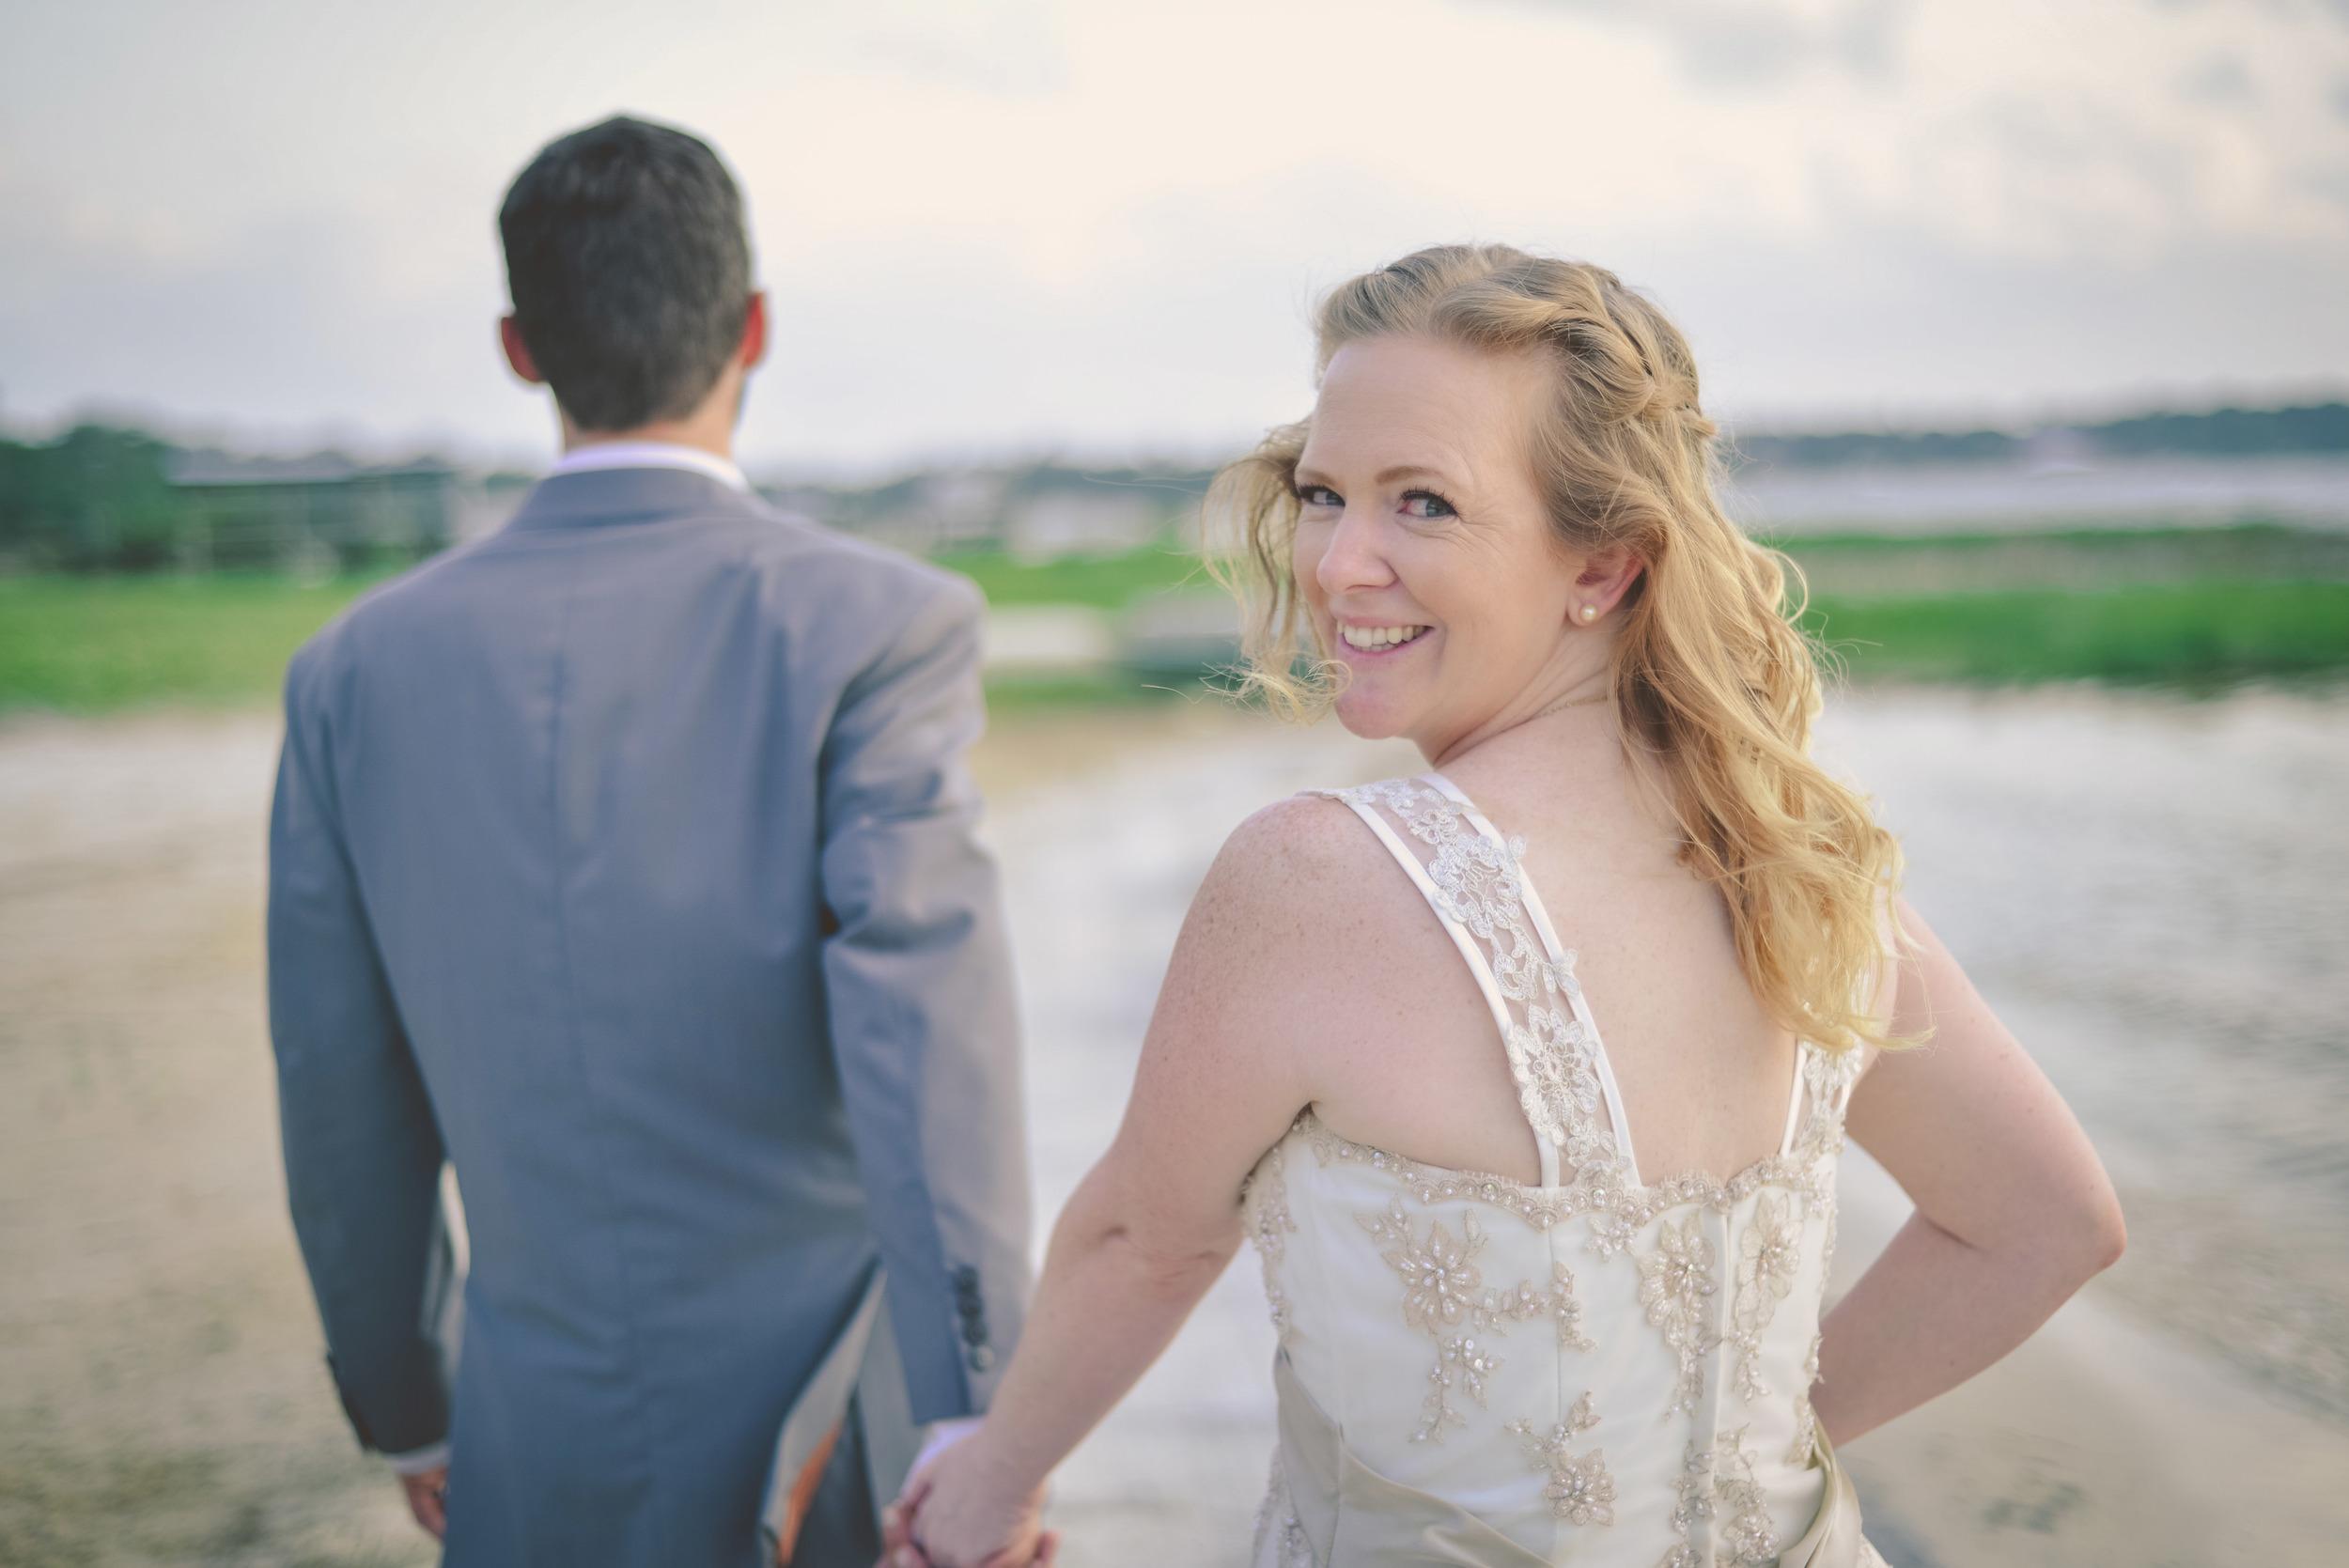 Atlanta_Wedding_Photographer_KrisandraEvans_036.jpg